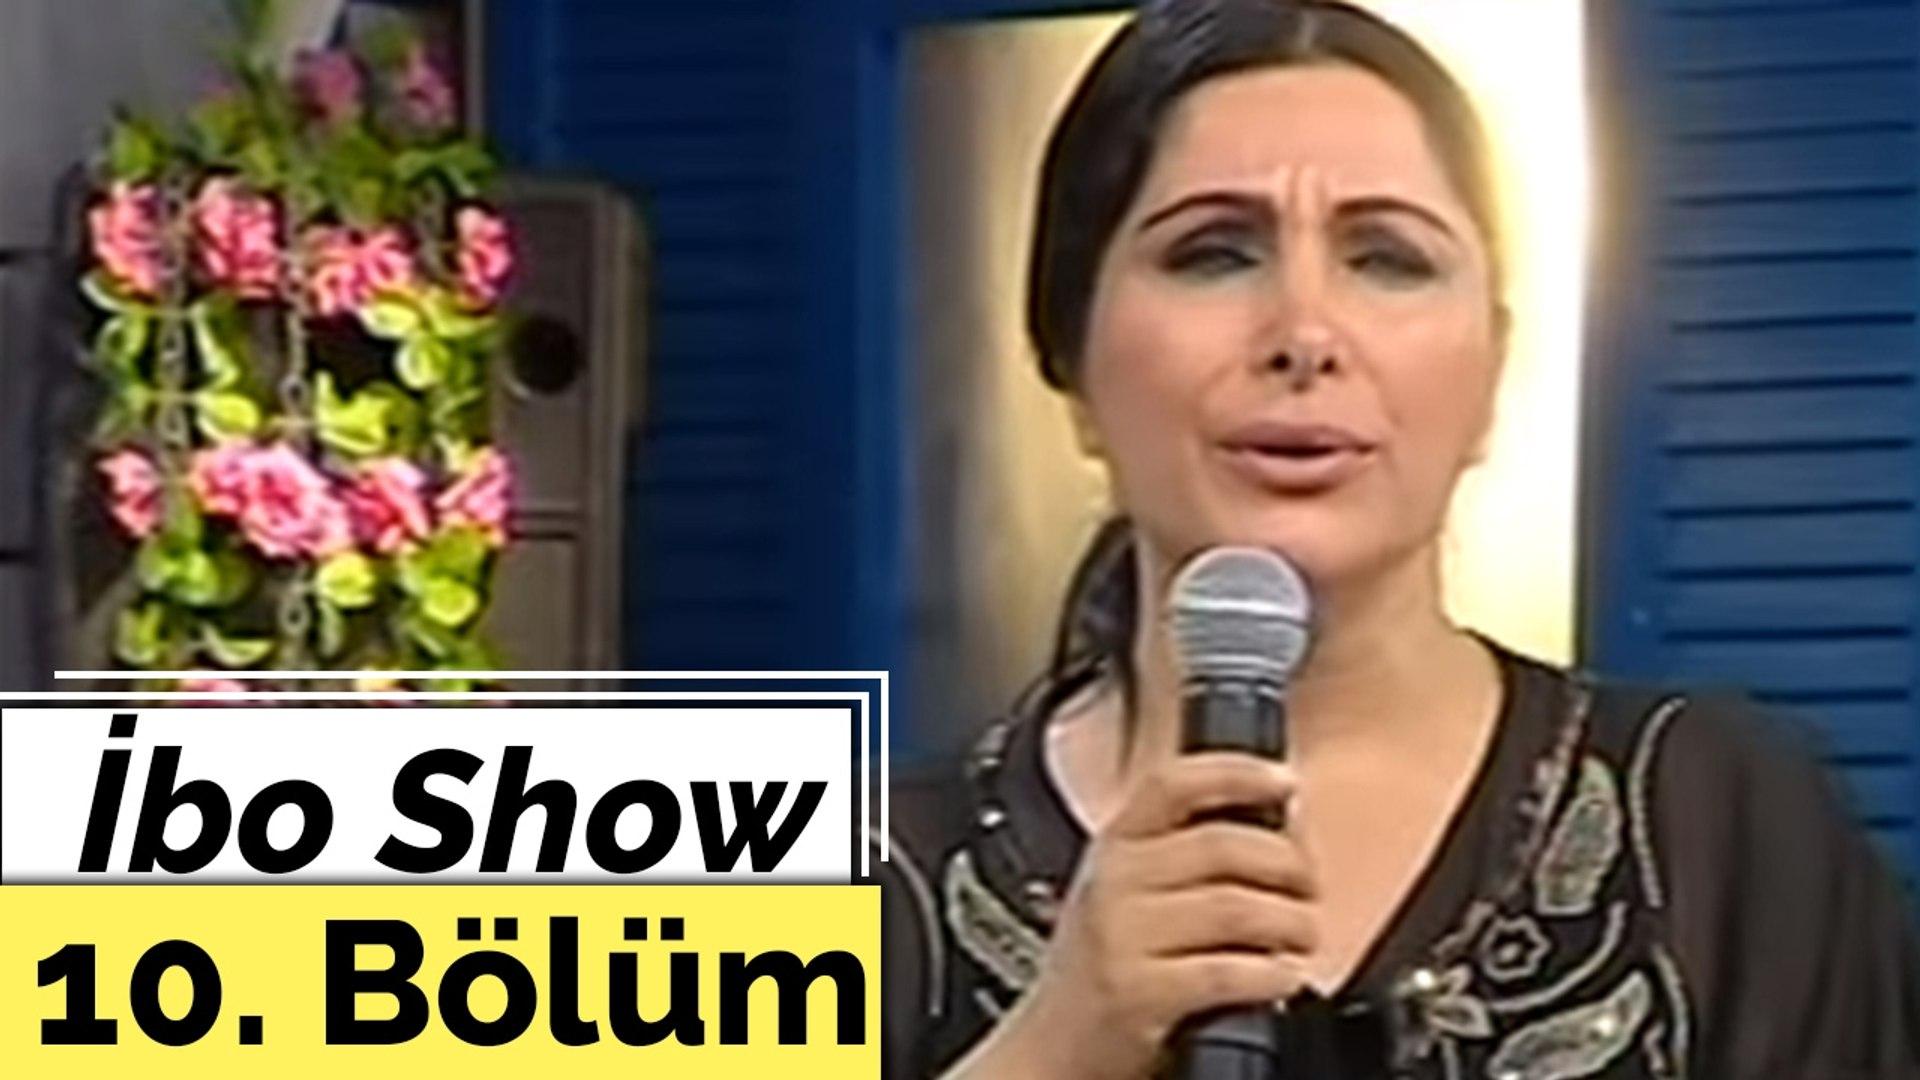 Nuray Hafiftaş, İsmail Türüt, Hasan Yılmaz -  İbo Show - 10. Bölüm 4. Kısım Bodrum